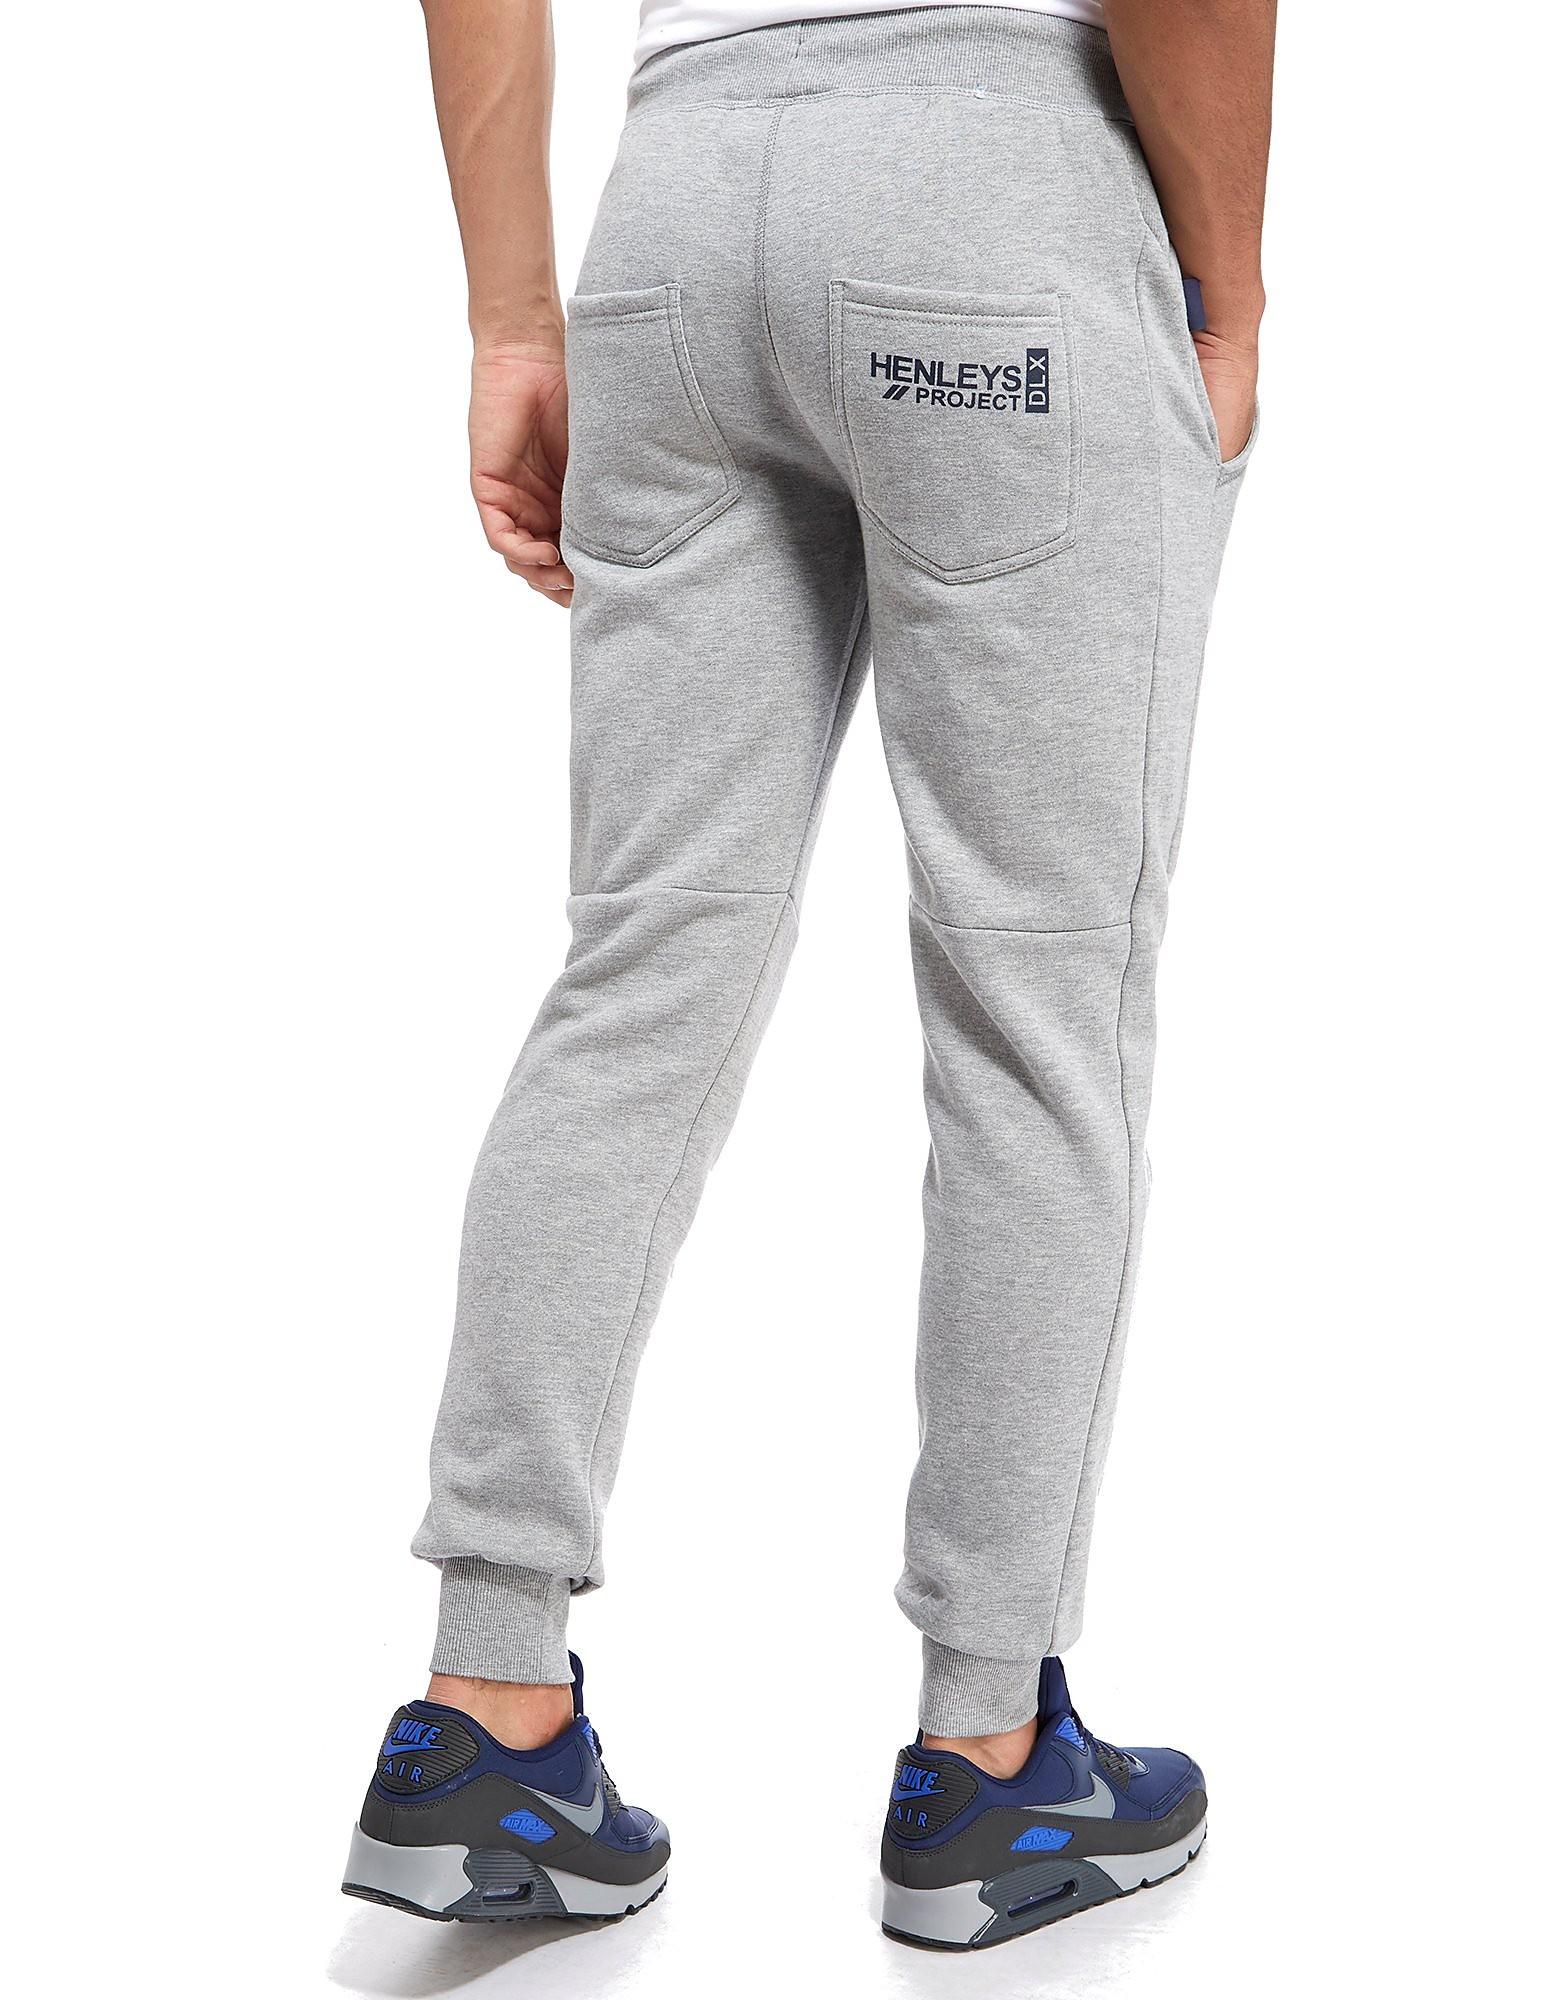 Henleys Extrct Fleece Pants